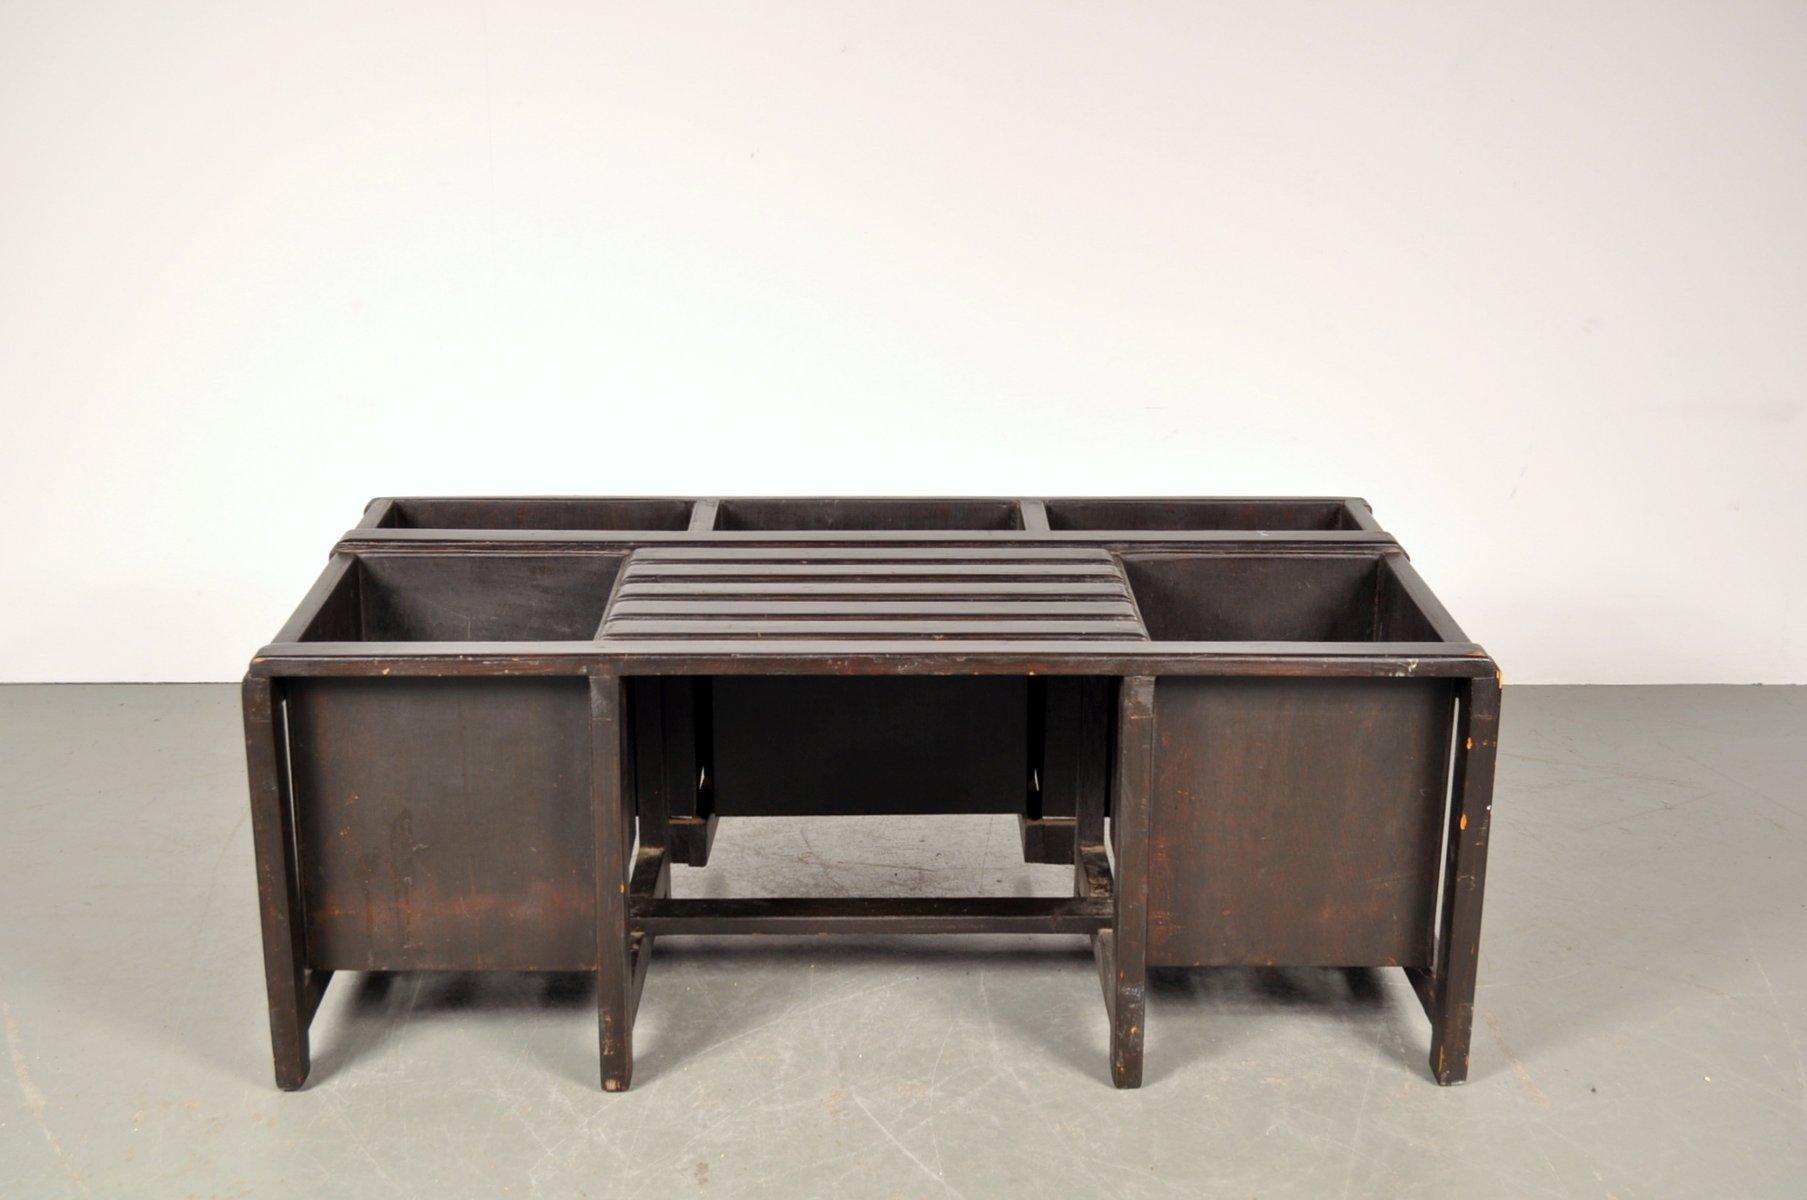 schwarz gef rbte holzbank mit stauraum 1950er bei pamono. Black Bedroom Furniture Sets. Home Design Ideas